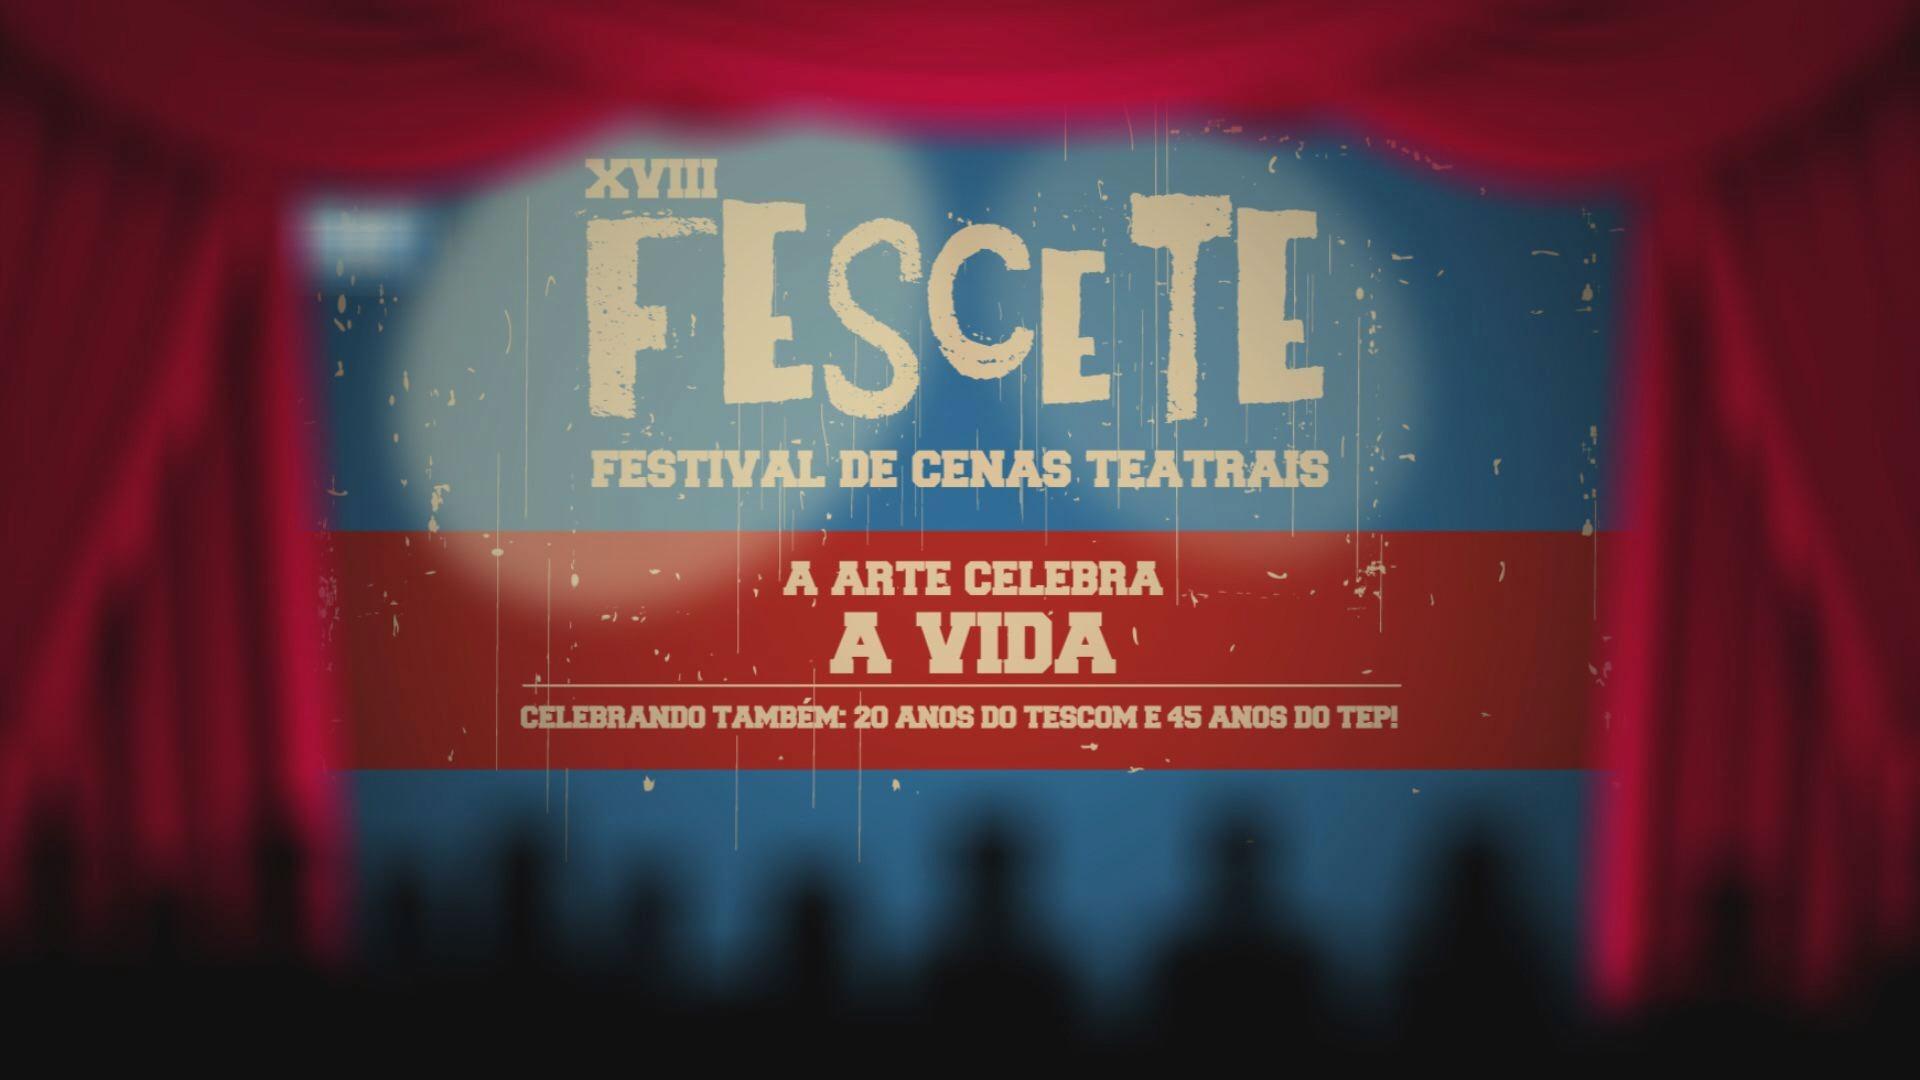 XVIII FESCETE; Festival de cenas teatrais de Santos (Foto: Reprodução / TV Tribuna)